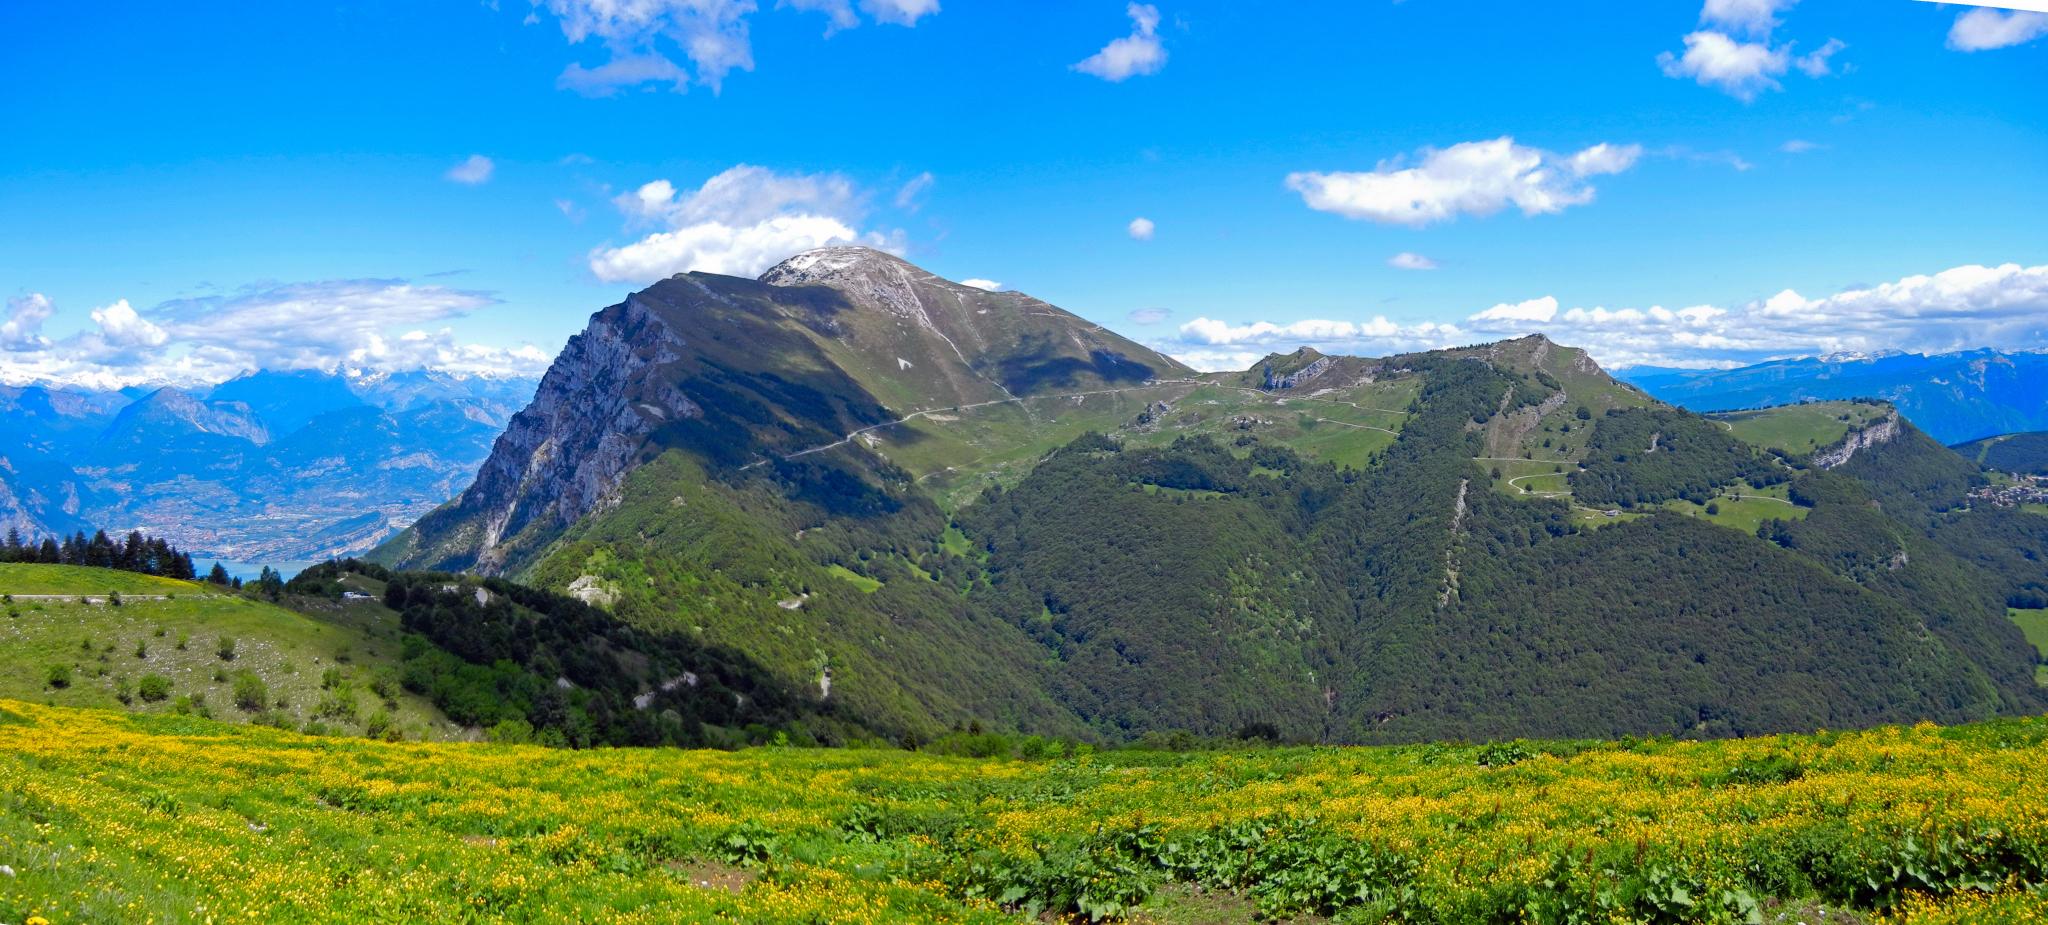 Escursioni guidate alla scoperta del Parco Naturale Monte Baldo